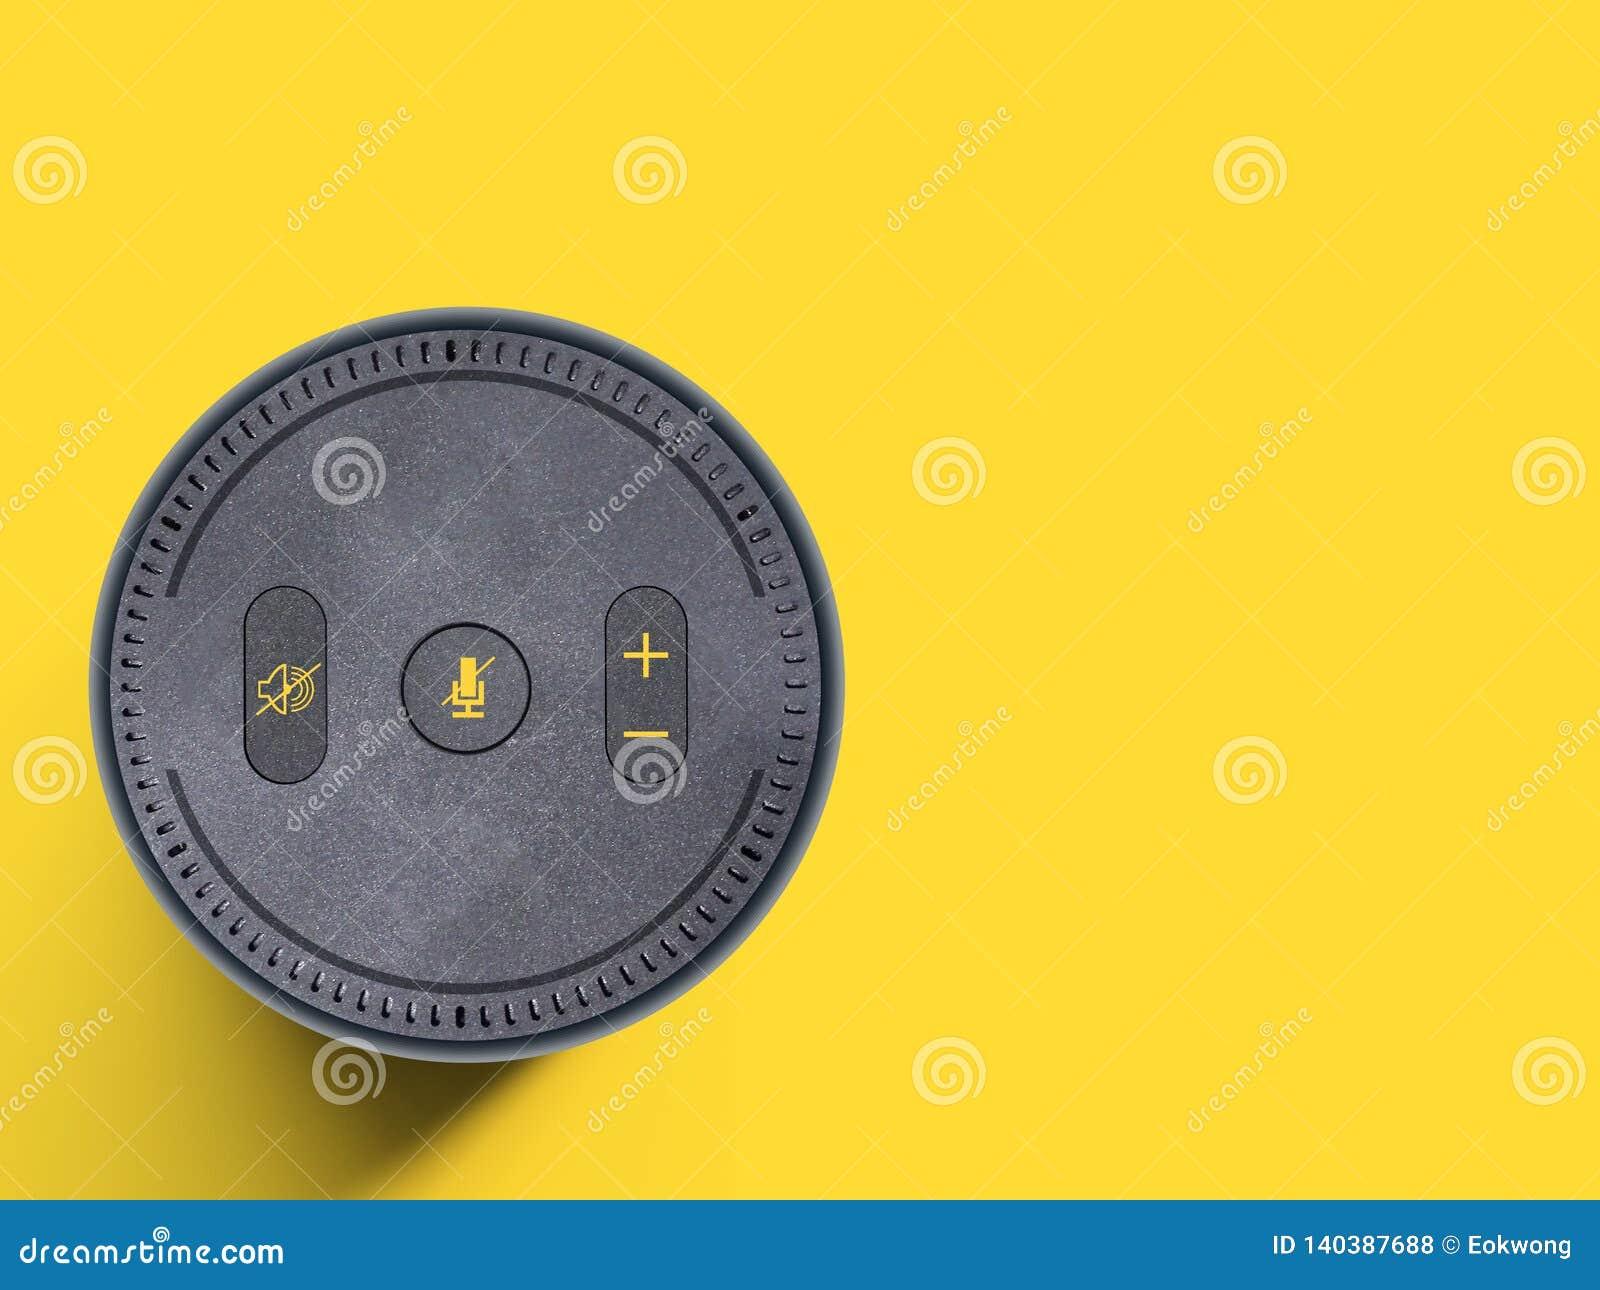 Dispositivo assistente da voz, orador sem fio portátil no fundo amarelo liso - espaço da cópia